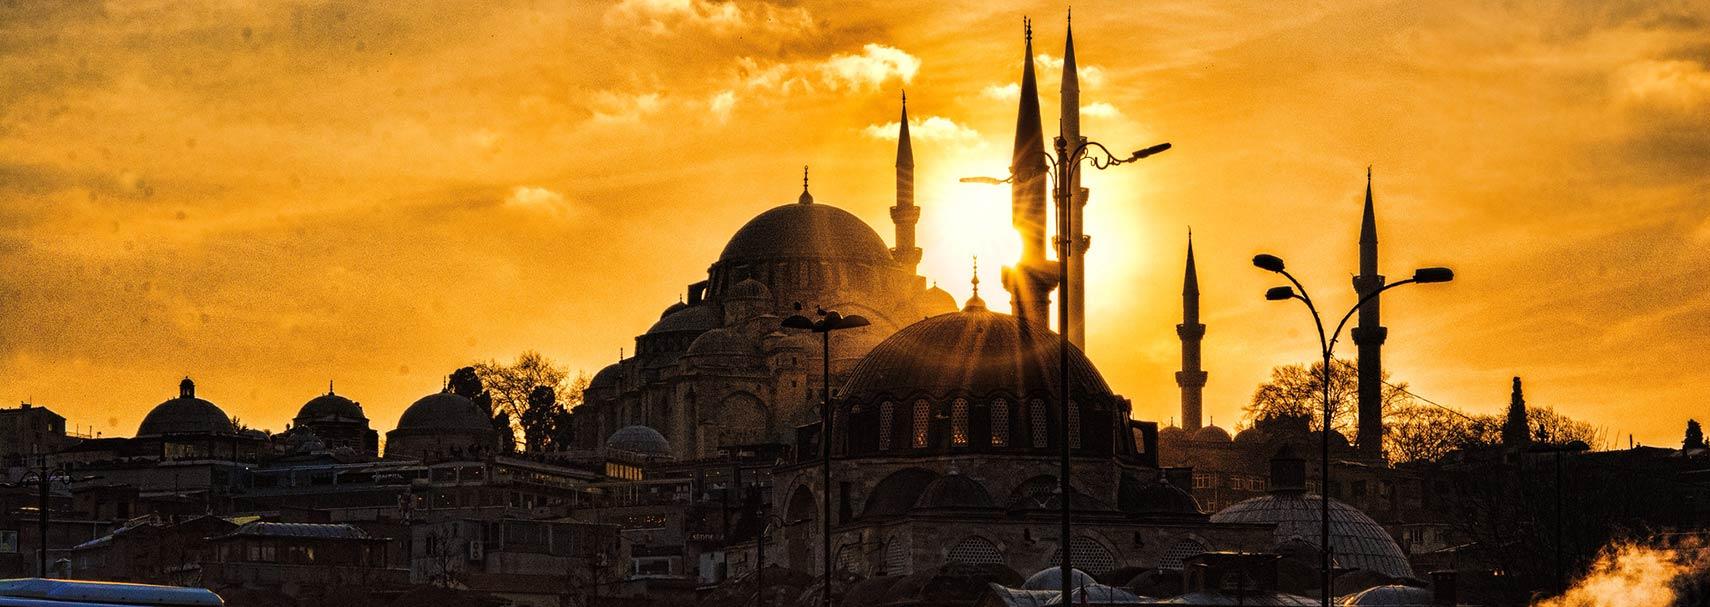 Sunset behind Süleymaniye Mosque in Istanbul, Turkey.